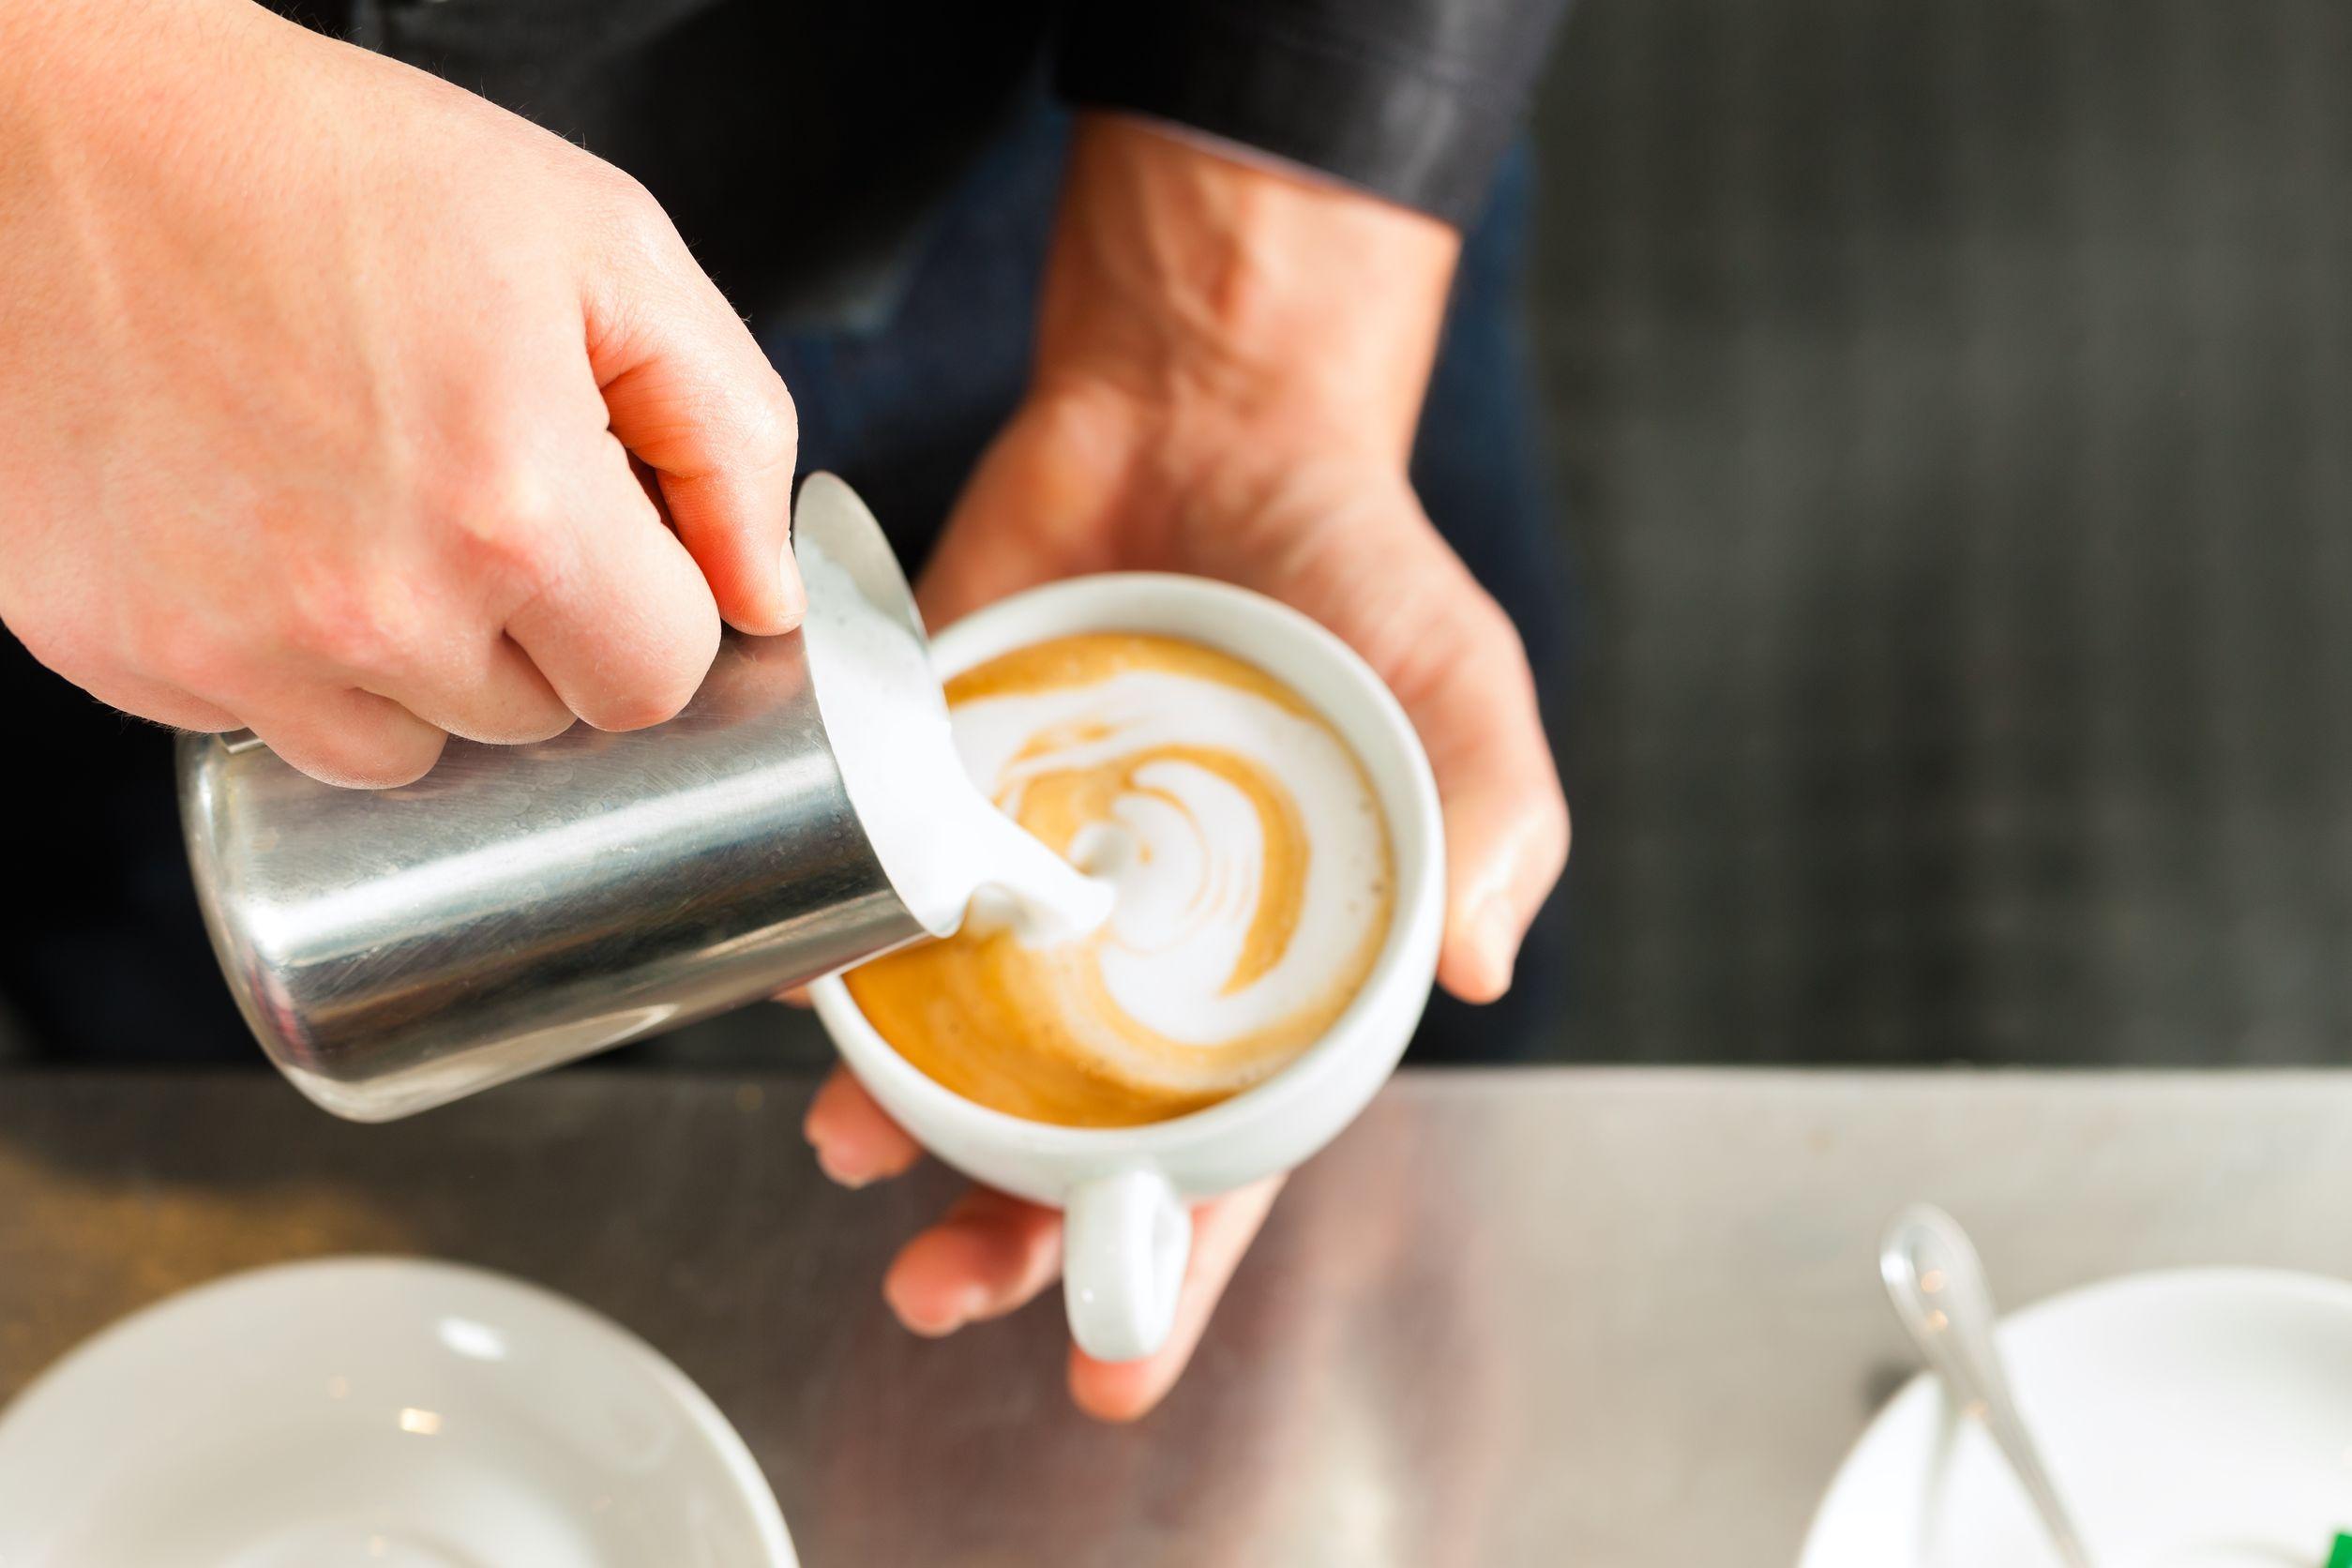 Cel mai popular business în România: cafeneaua. Barista, o profesie tot mai căutată